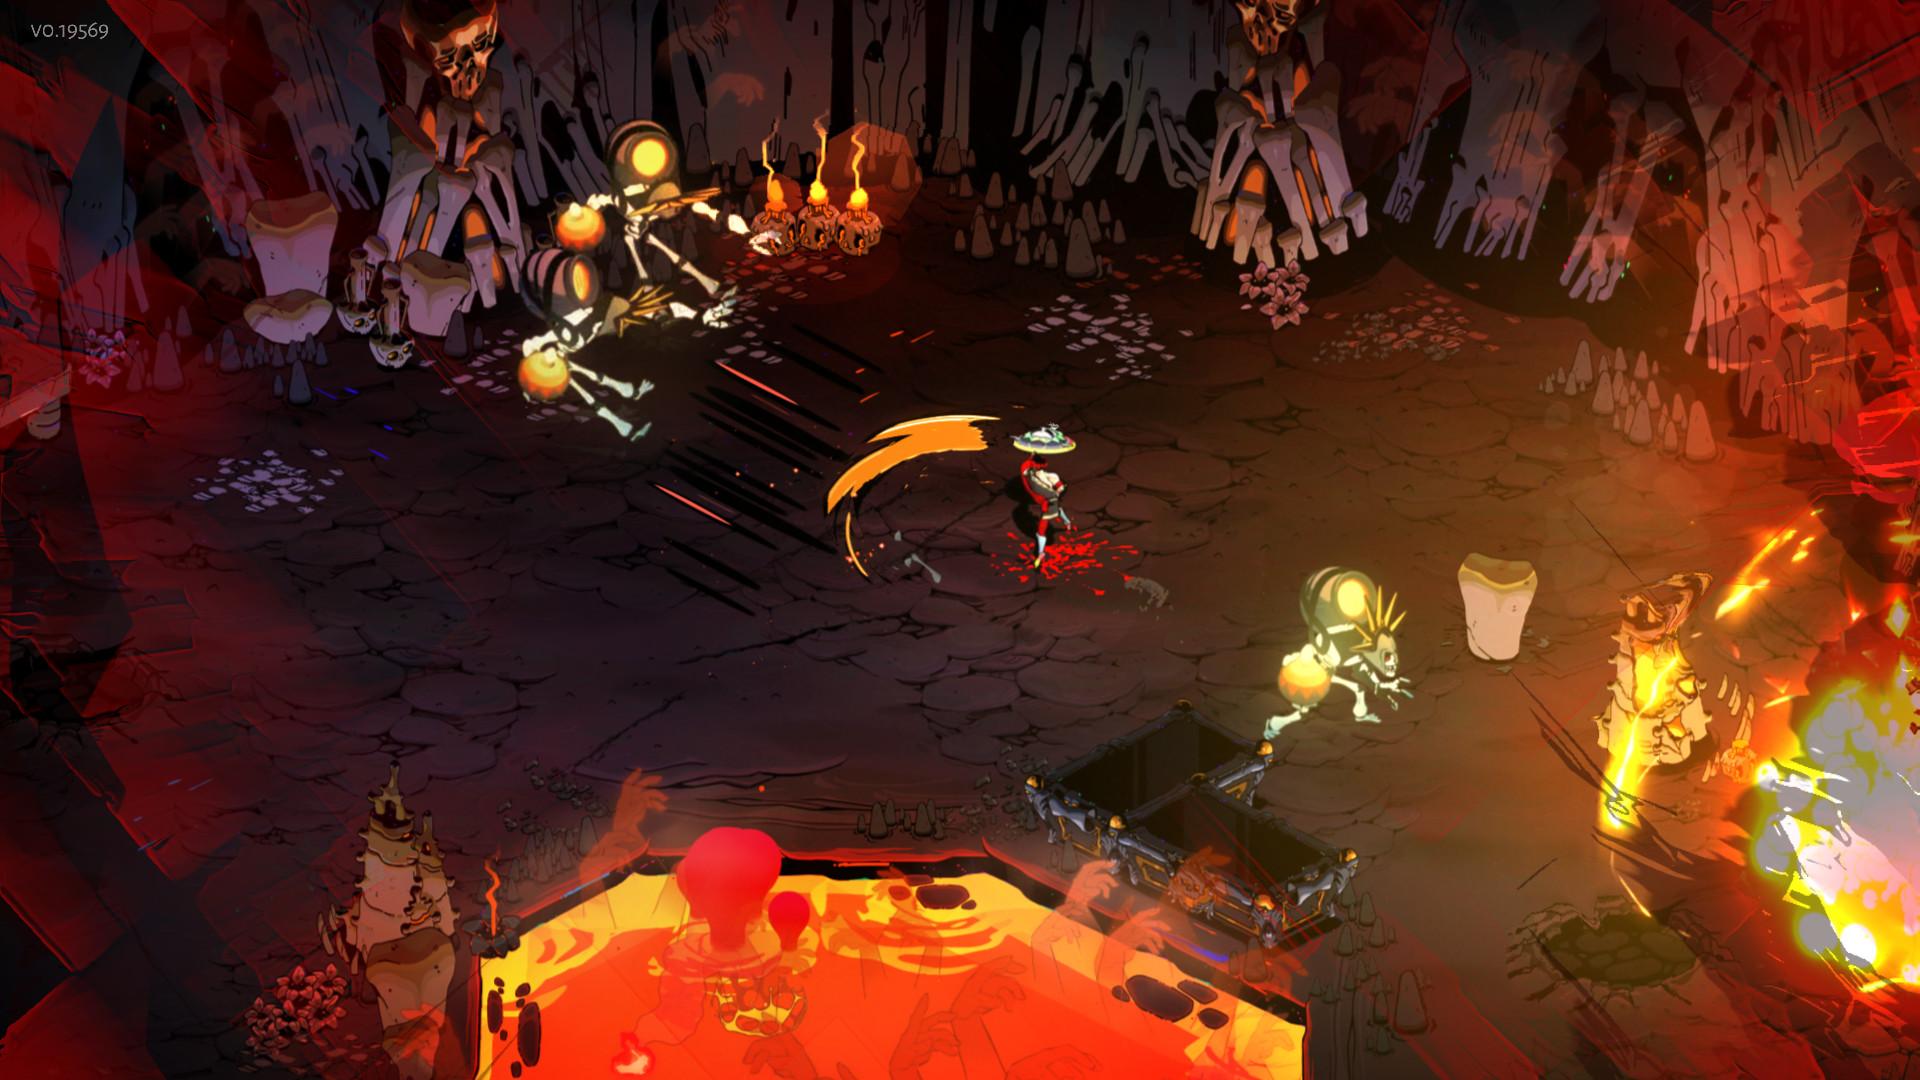 哈迪斯:杀出地狱/哈迪斯地狱之战/黑帝斯 新版v1.37133/Hades: Battle Out of Hell(更新v1.37133)插图1